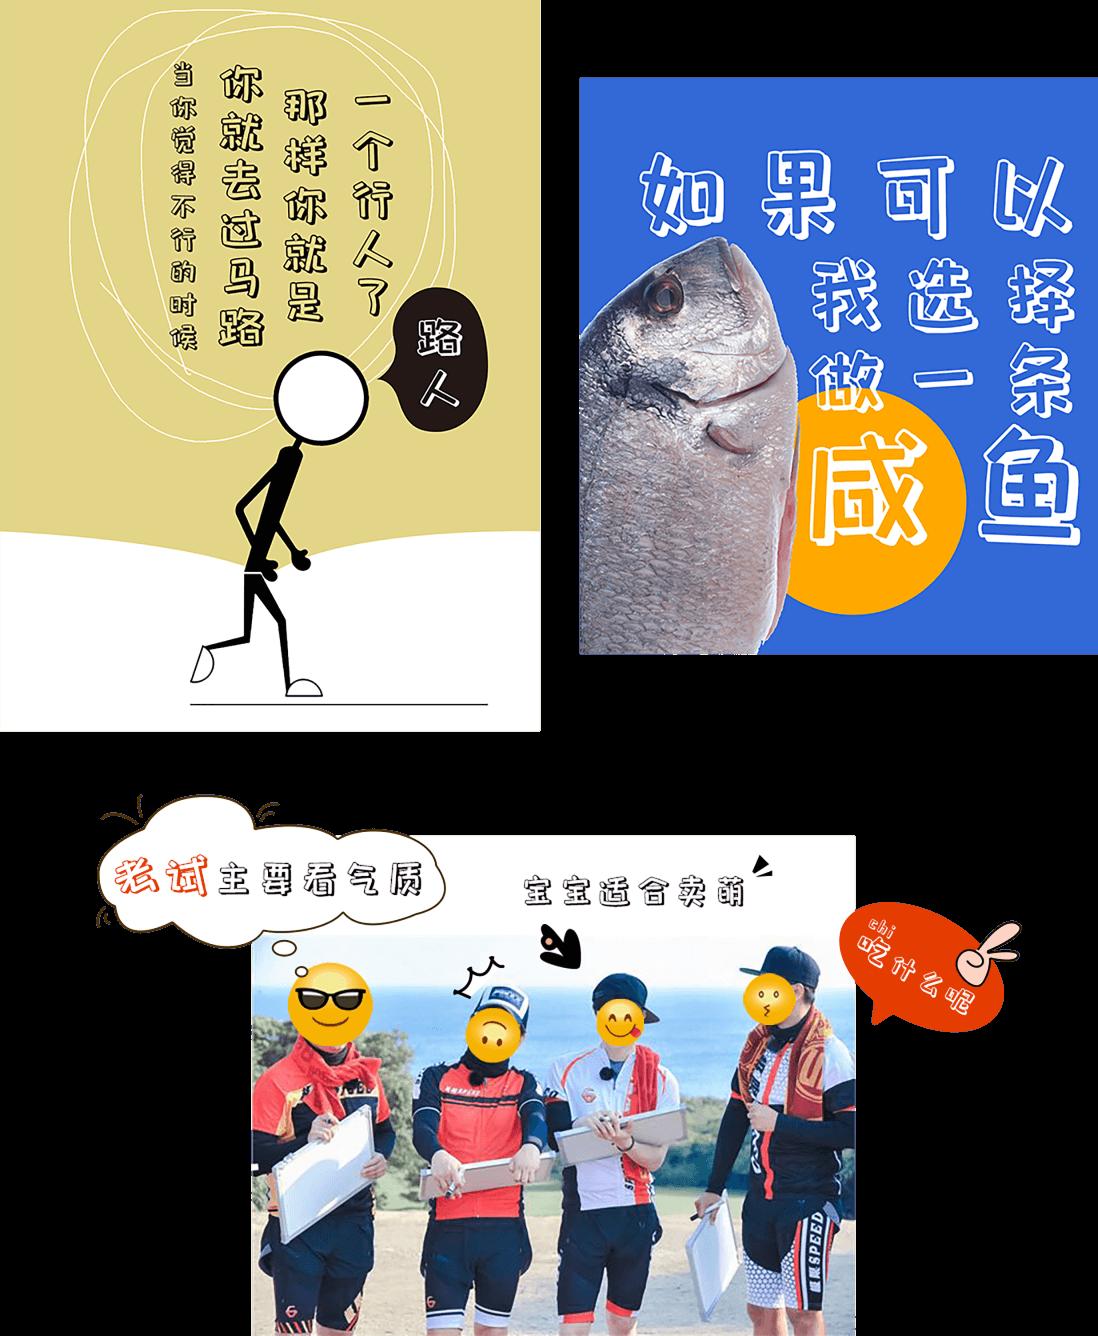 包图小白体|包图X字体视界推出的全新公益字体 !插图(4)